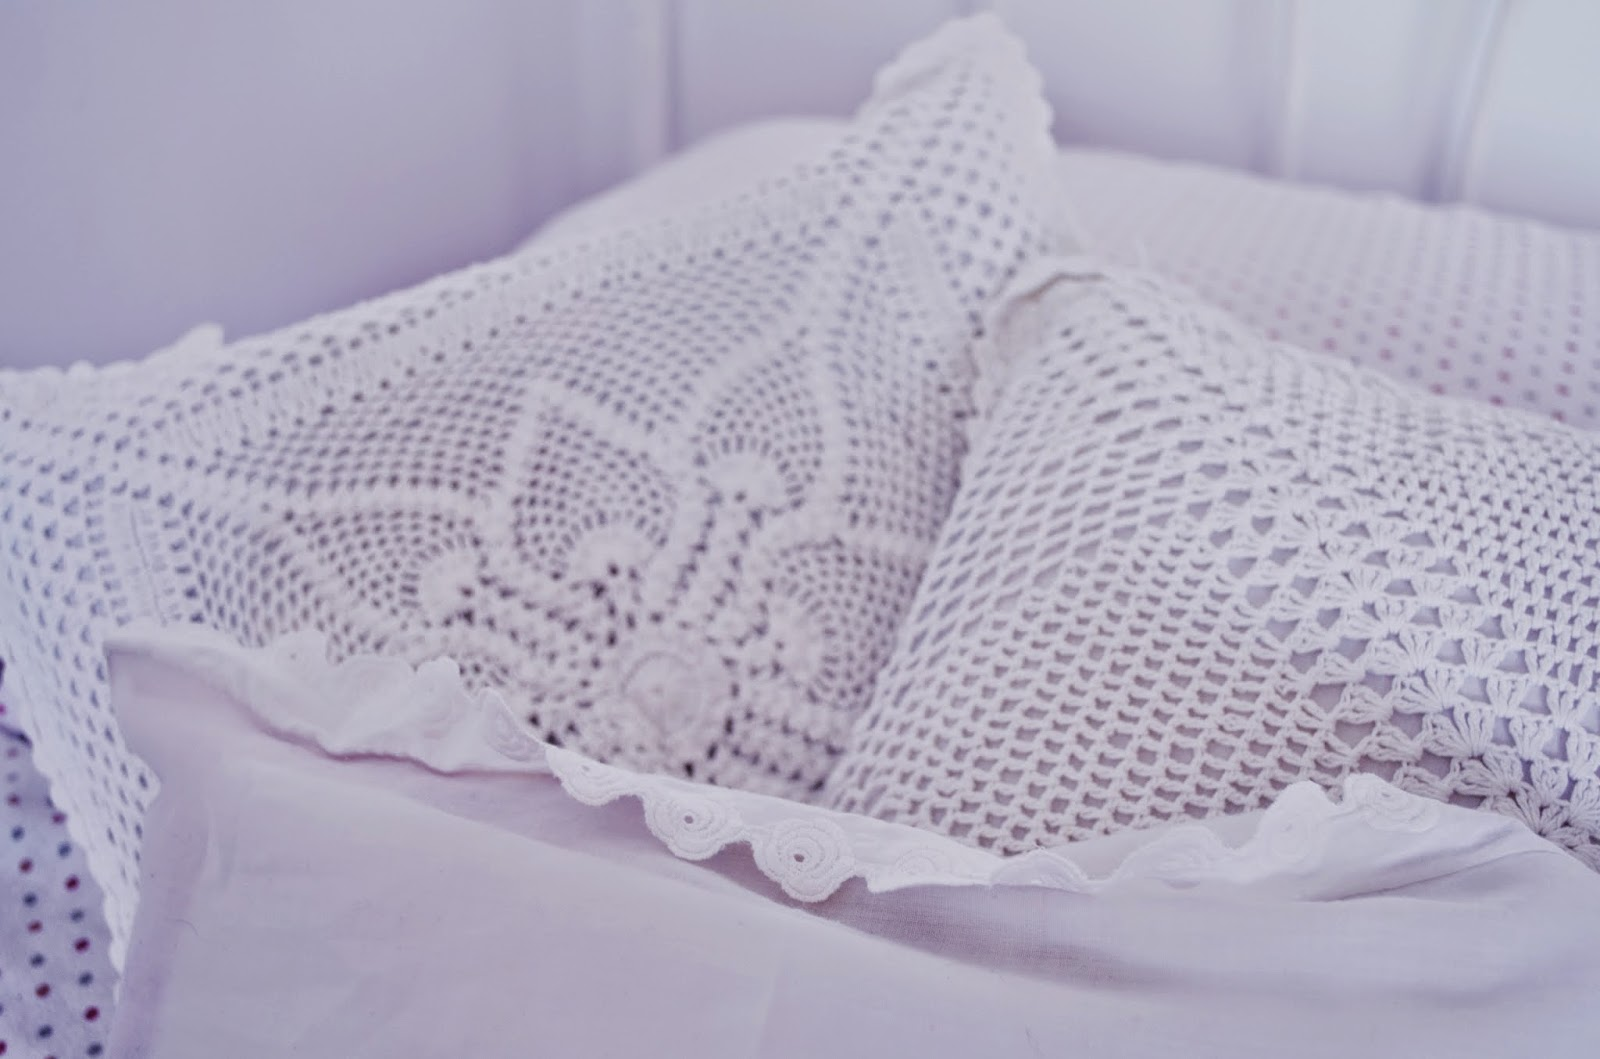 pokój w bieli czyli moje cztery kąty, poduszki, romantyczny styl, rustical, rustykalny, ażurowe, koronkowe, lifelookangies